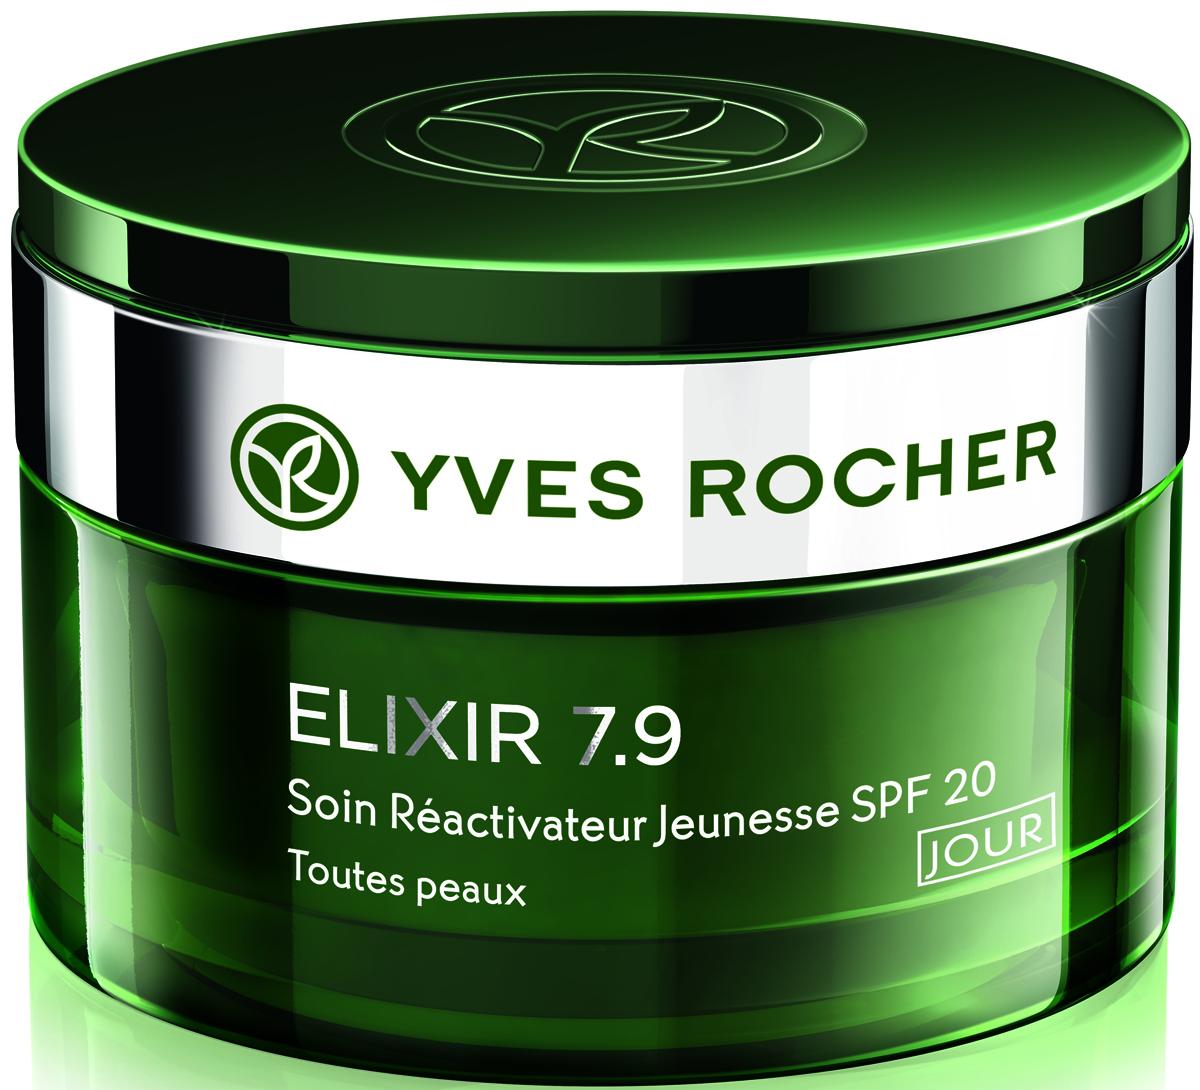 Yves Rocher дневной уход Реактиватор молодости, нормальная и комбинированная кожа, 50 мл64370Вы ищете многофункциональный антивозрастной уход, потому что у Вас:- выражены возрастные изменения,- уставшая кожа,- морщины и морщинки,- тусклый тон кожи. Антивозрастной Комплекс Elixir 7.9:- объединяет 7 активных растительных компонентов, уменьшающих воздействие катализаторов старения*- стимулирует кожу, активизируя ее потенциал молодости: в 4 раза больше коллагена*.В поверхностных слоях кожи: стирает следы усталости, разглаживает микрорельеф, восстанавливает сияние.В глубоких слоях кожи: сокращает морщины, восстанавливает ее структуру, дарит тонус.Уход с легкой текстурой дарит коже атласную гладкость.Протестировано под контролем дерматологов.*Тест in vitro